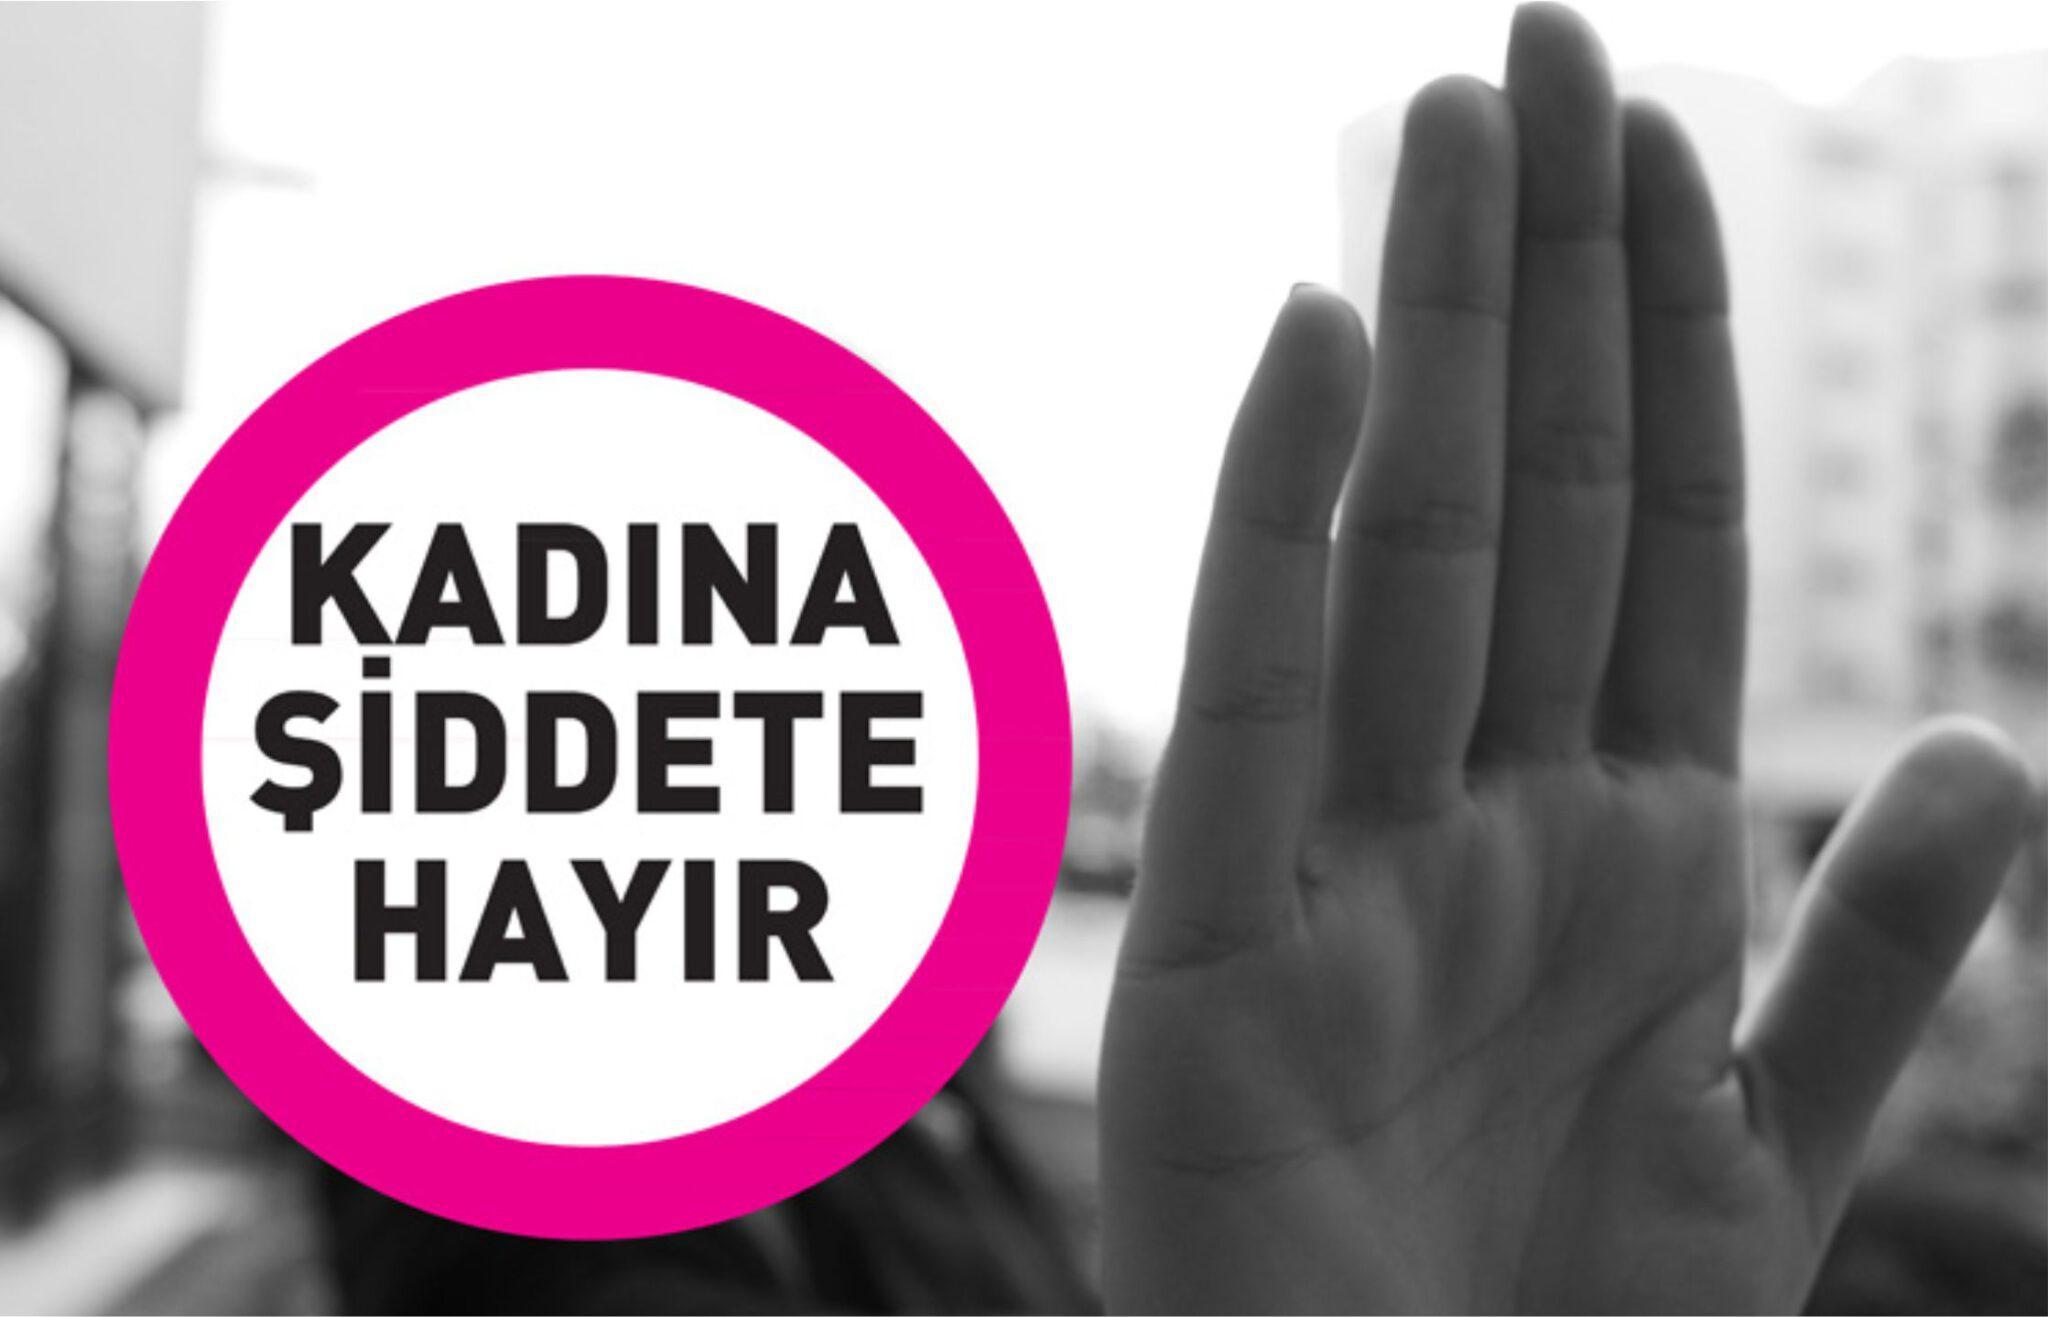 25 Kasım Kadına Yönelik Şiddetle Uluslararası Mücadele ve Dayanışma Günü. Rakamlar kadınların maruz kaldığı şiddet, eşitsizlik ve hakimiyet tablosunu tüm çıplaklığıyla ortaya koyuyor.